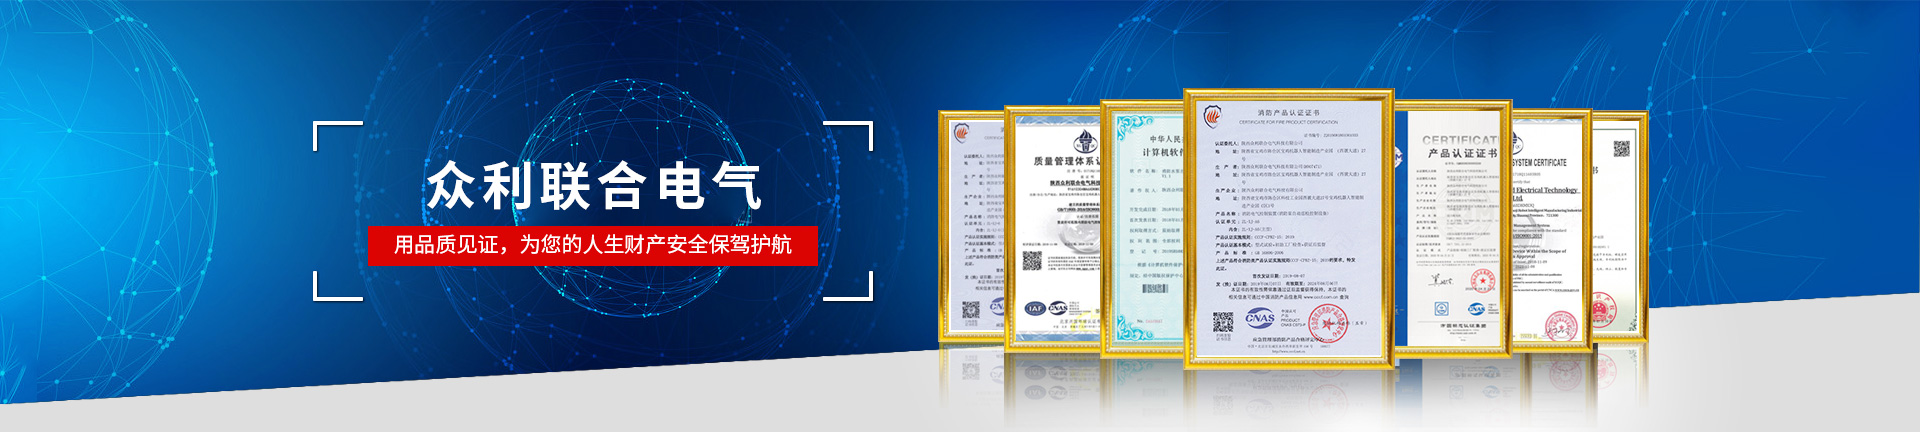 众利联合电气,用品质见证,为您的人生财产安全保驾护航